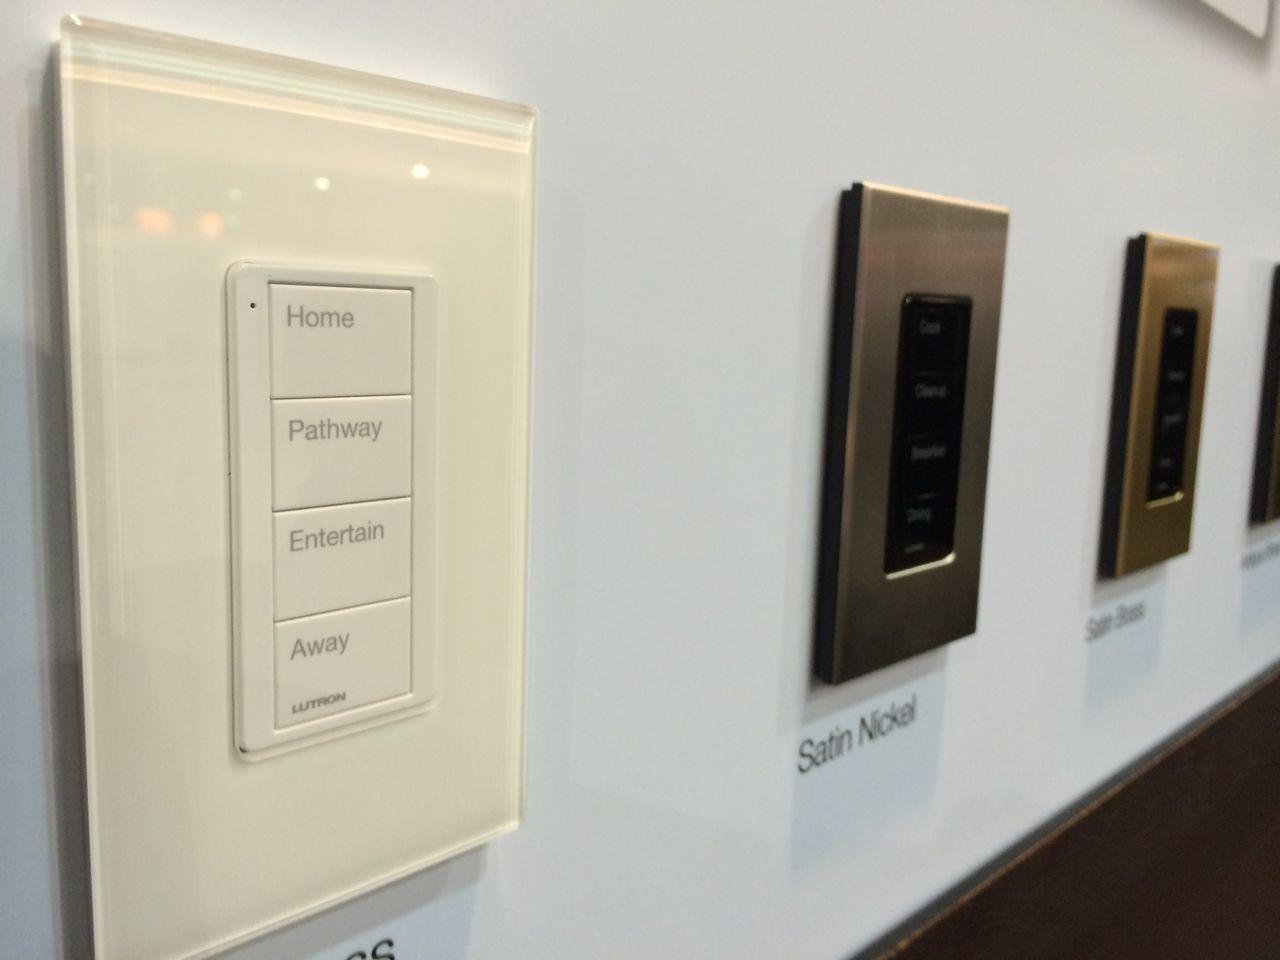 Lutron Pico 4 button keypad